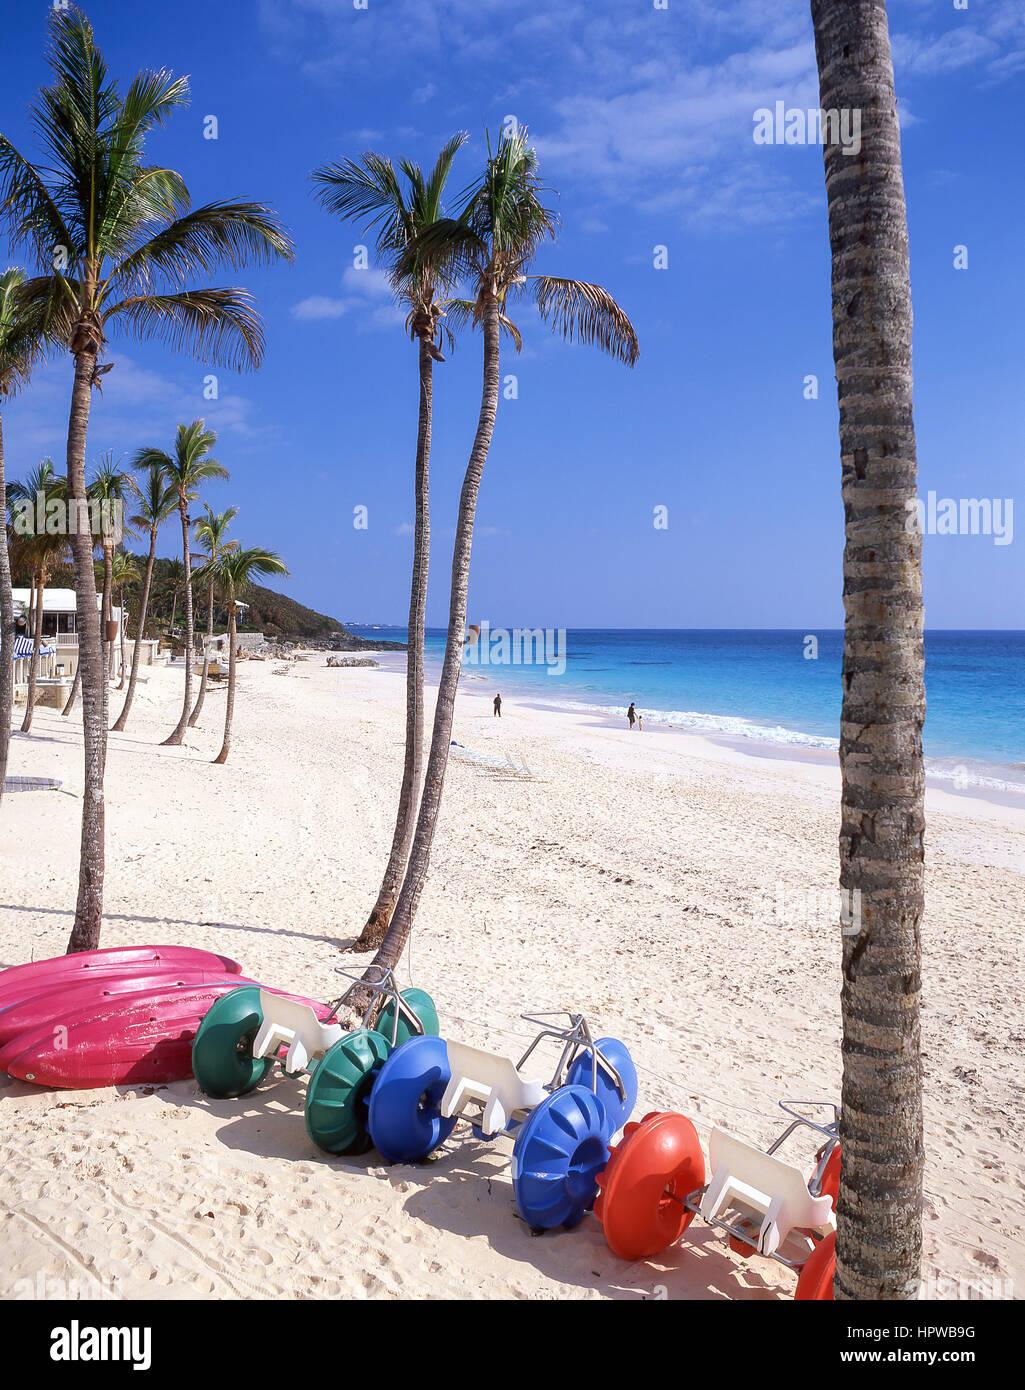 Elbow Beach, Paget Parish, Bermuda - Stock Image